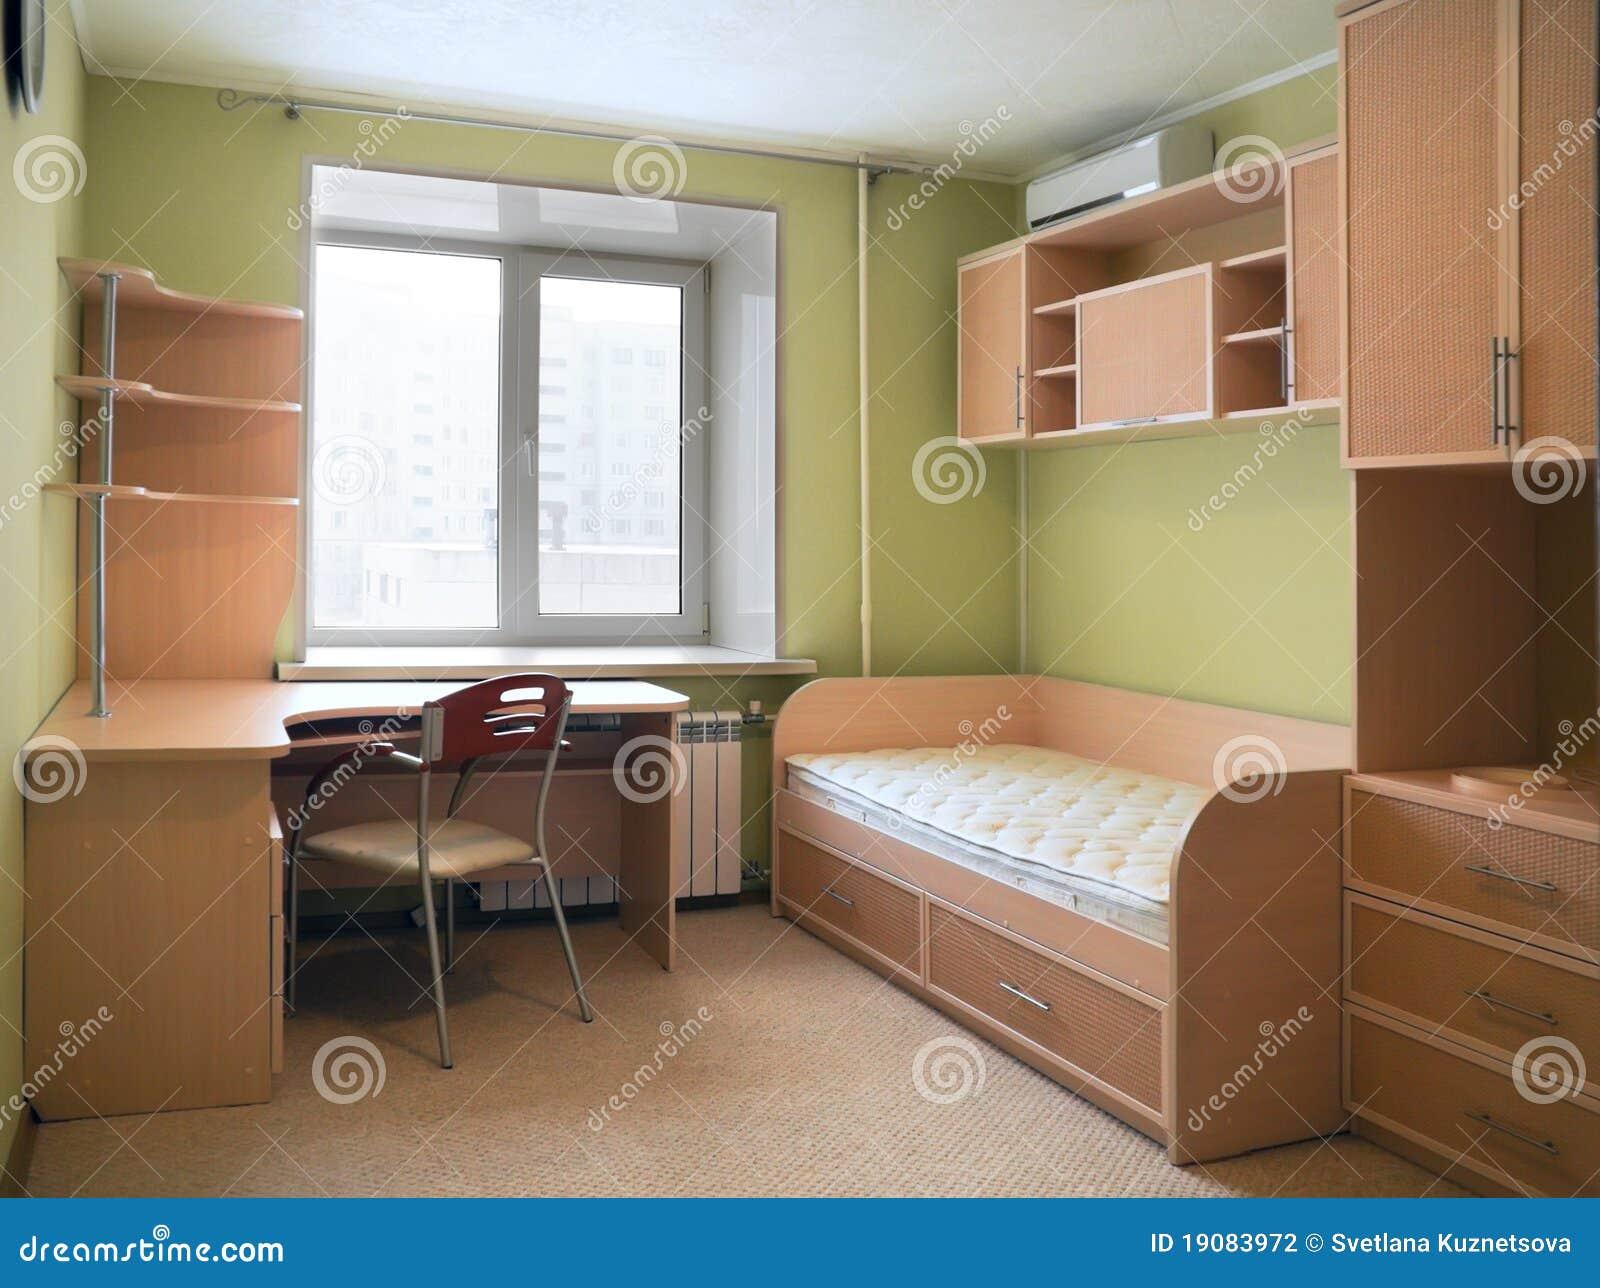 Nuevos Muebles En El Cuarto De Niños Foto de archivo - Imagen de ...